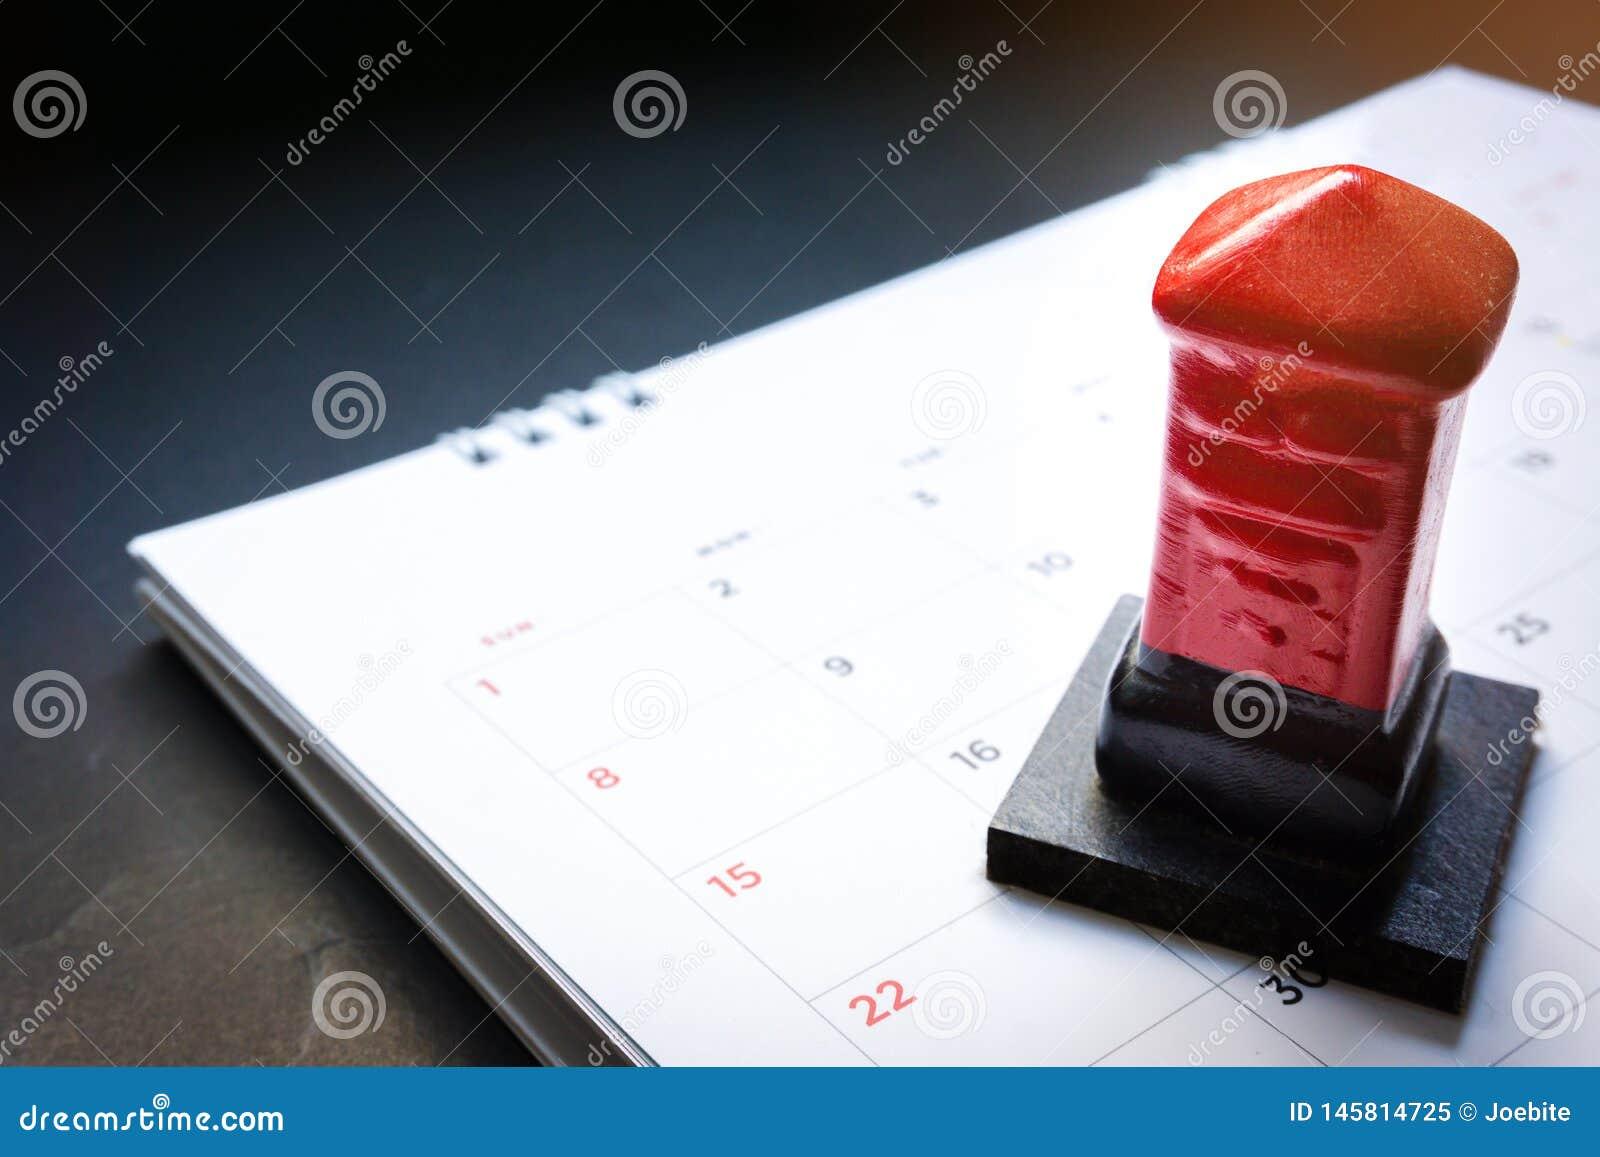 Fim acima da caixa vermelha do cargo do brinquedo no calendário mensal do planejador no fundo preto Programa??o do calend?rio do